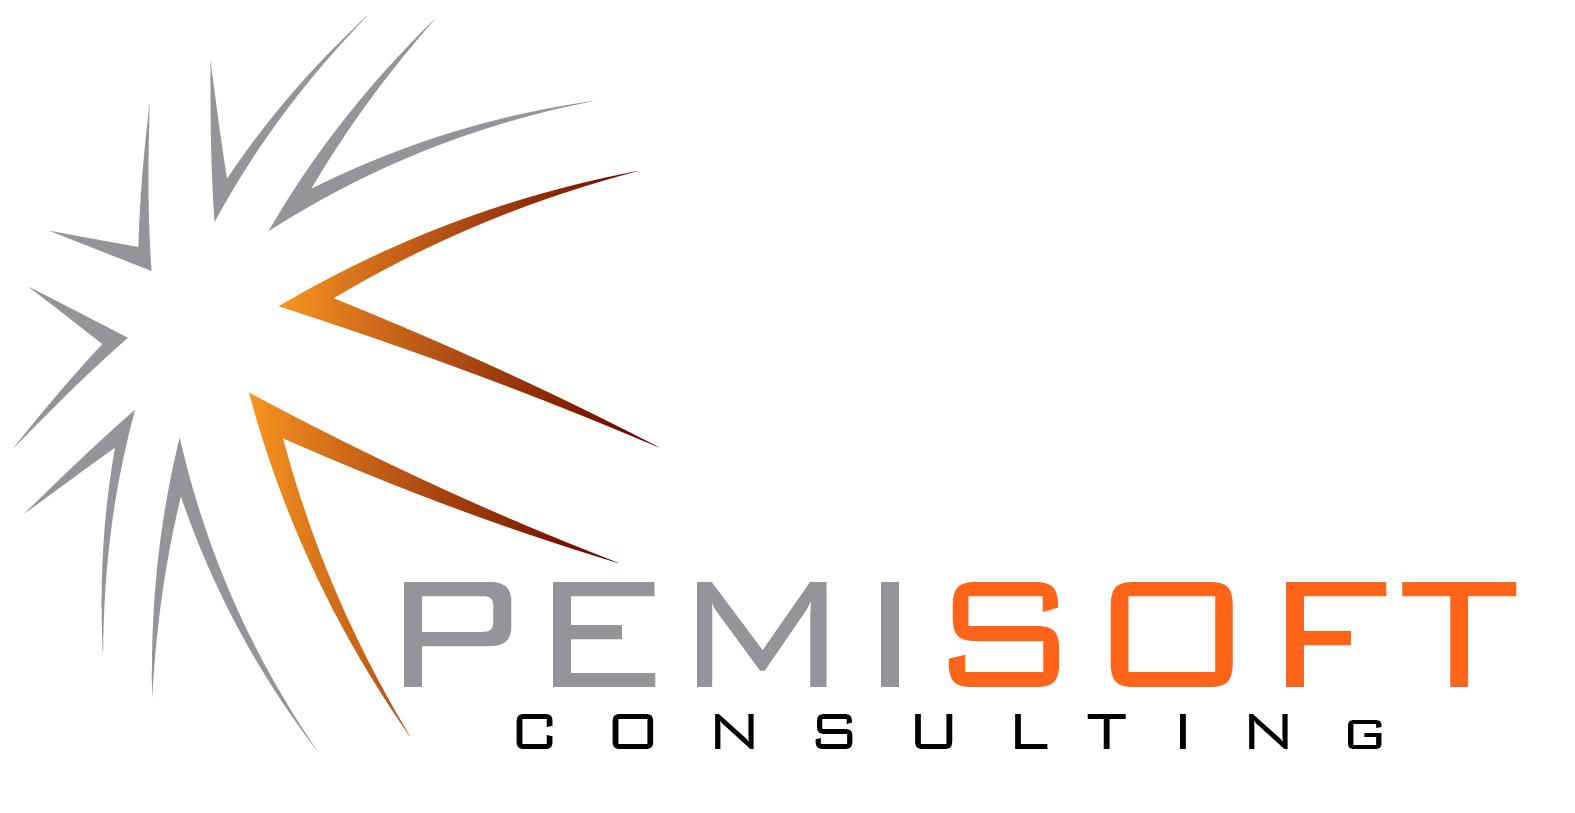 Pemisoft Consulting